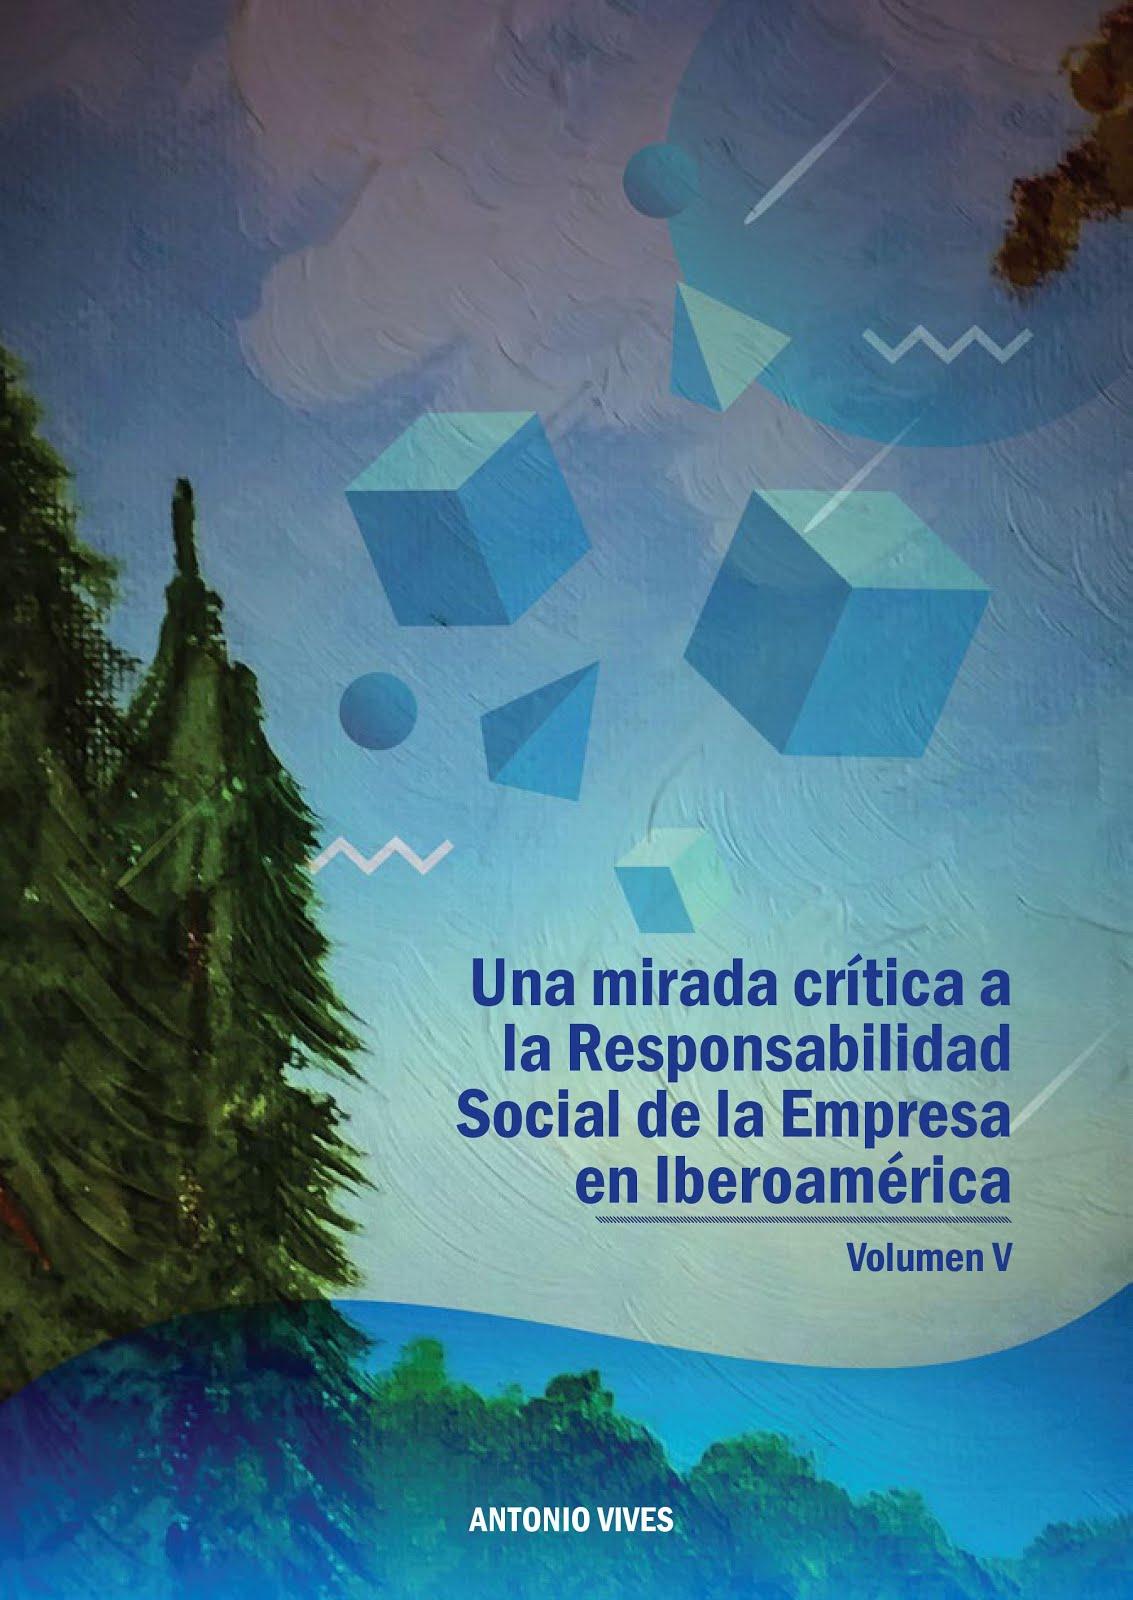 Mirada critica a la RSE en Iberoamérica. Vol V